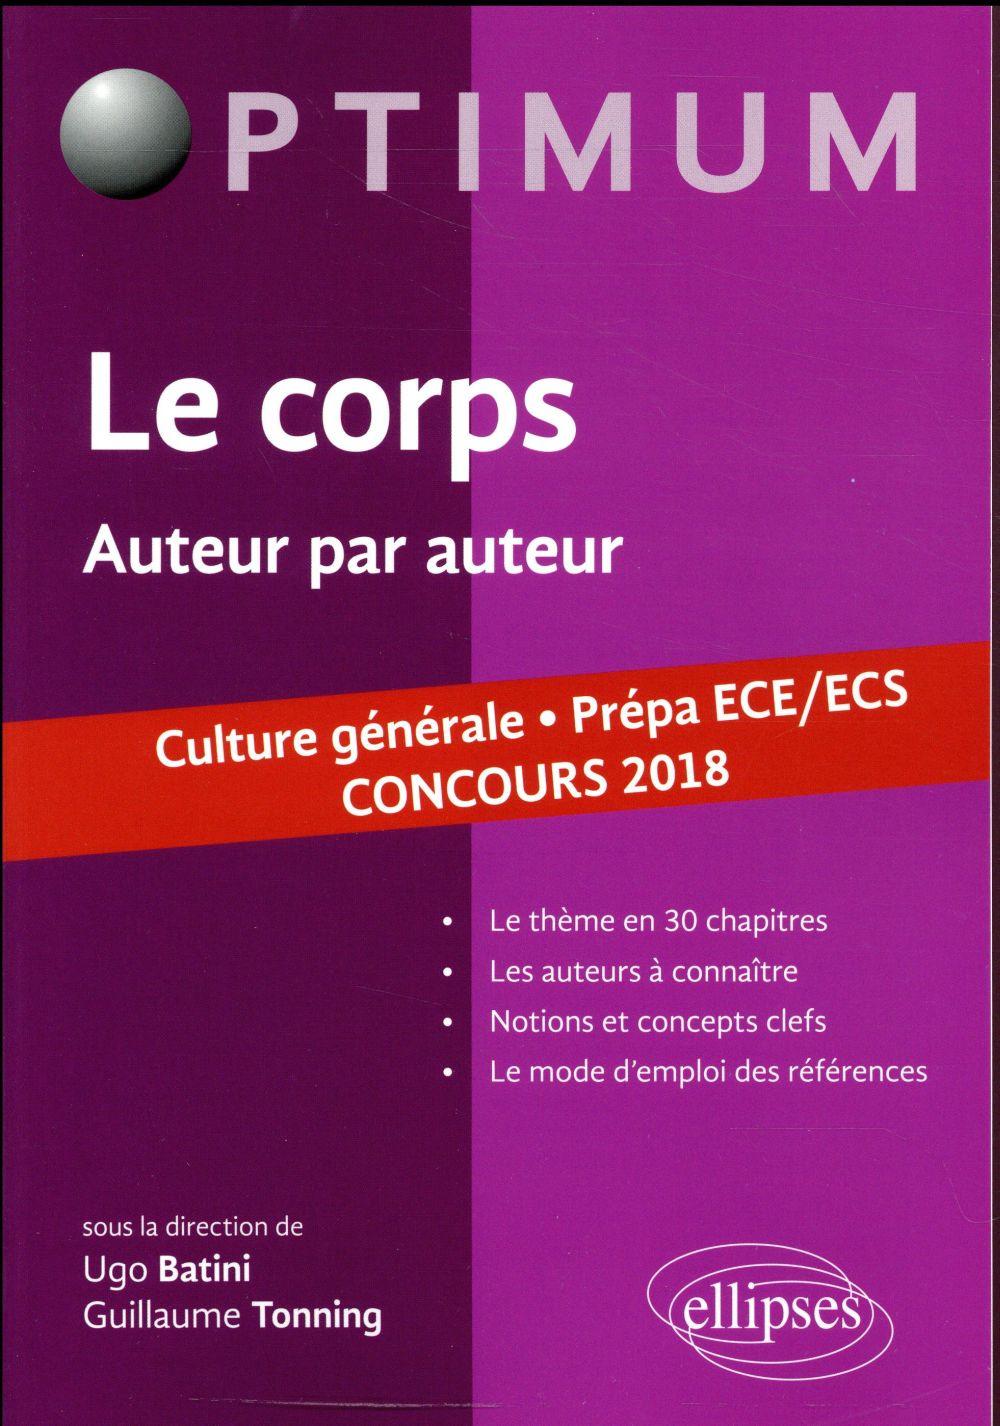 Culture générale prépa ECE/ECS ; le corps ; auteur par auteur ; concours 2018